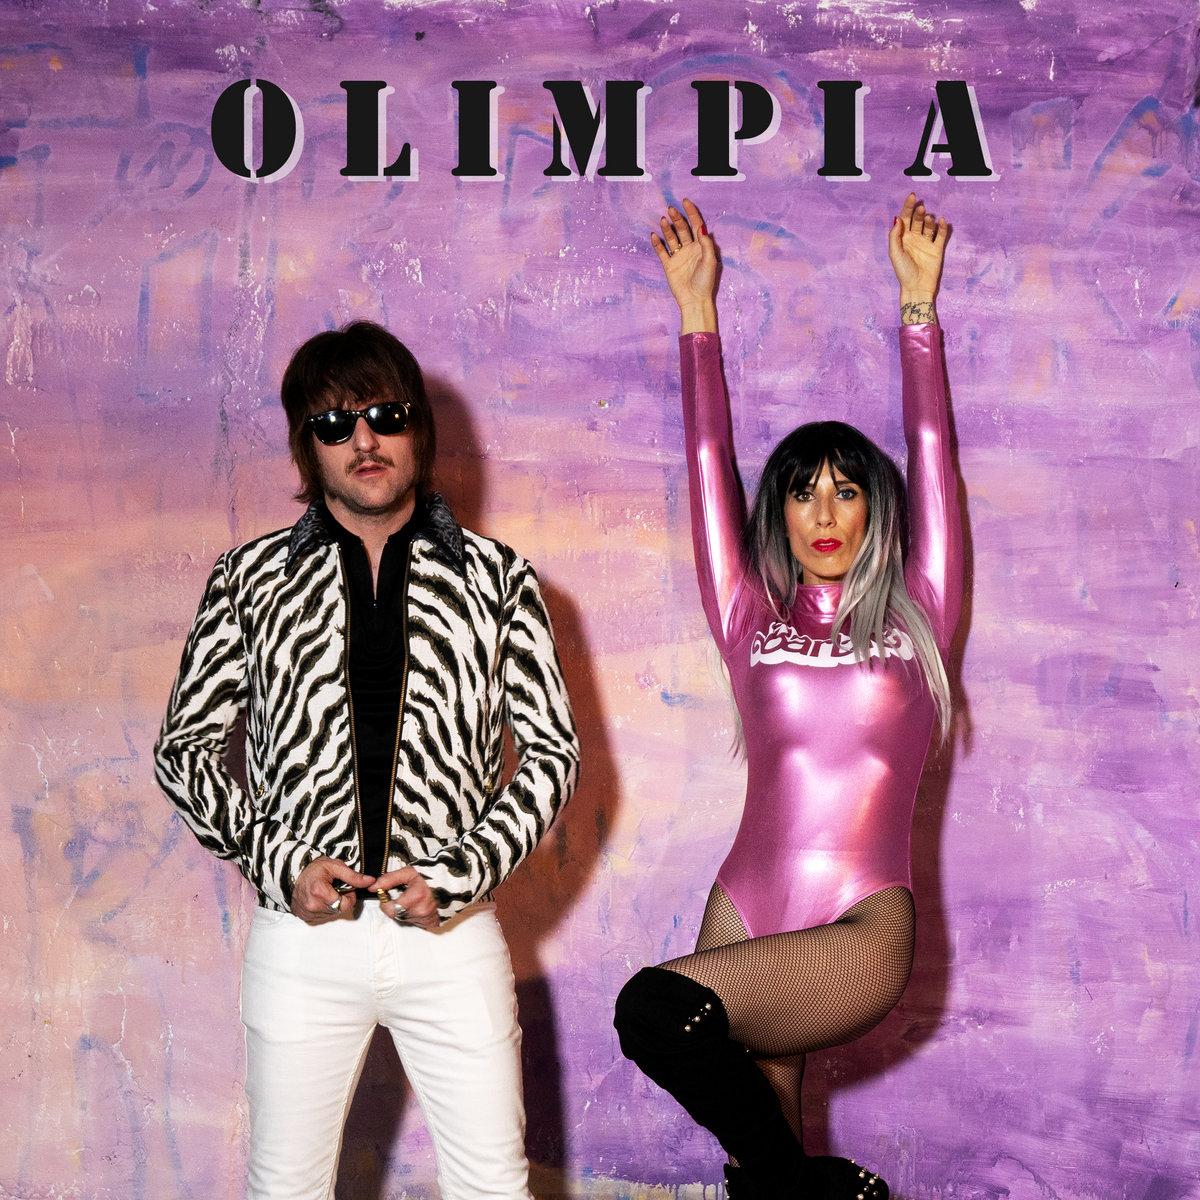 Hombre con gafas de sol cerrándose la chaqueta de zebra y mujer con body rosa con brazos levantados sobre fondo violeta